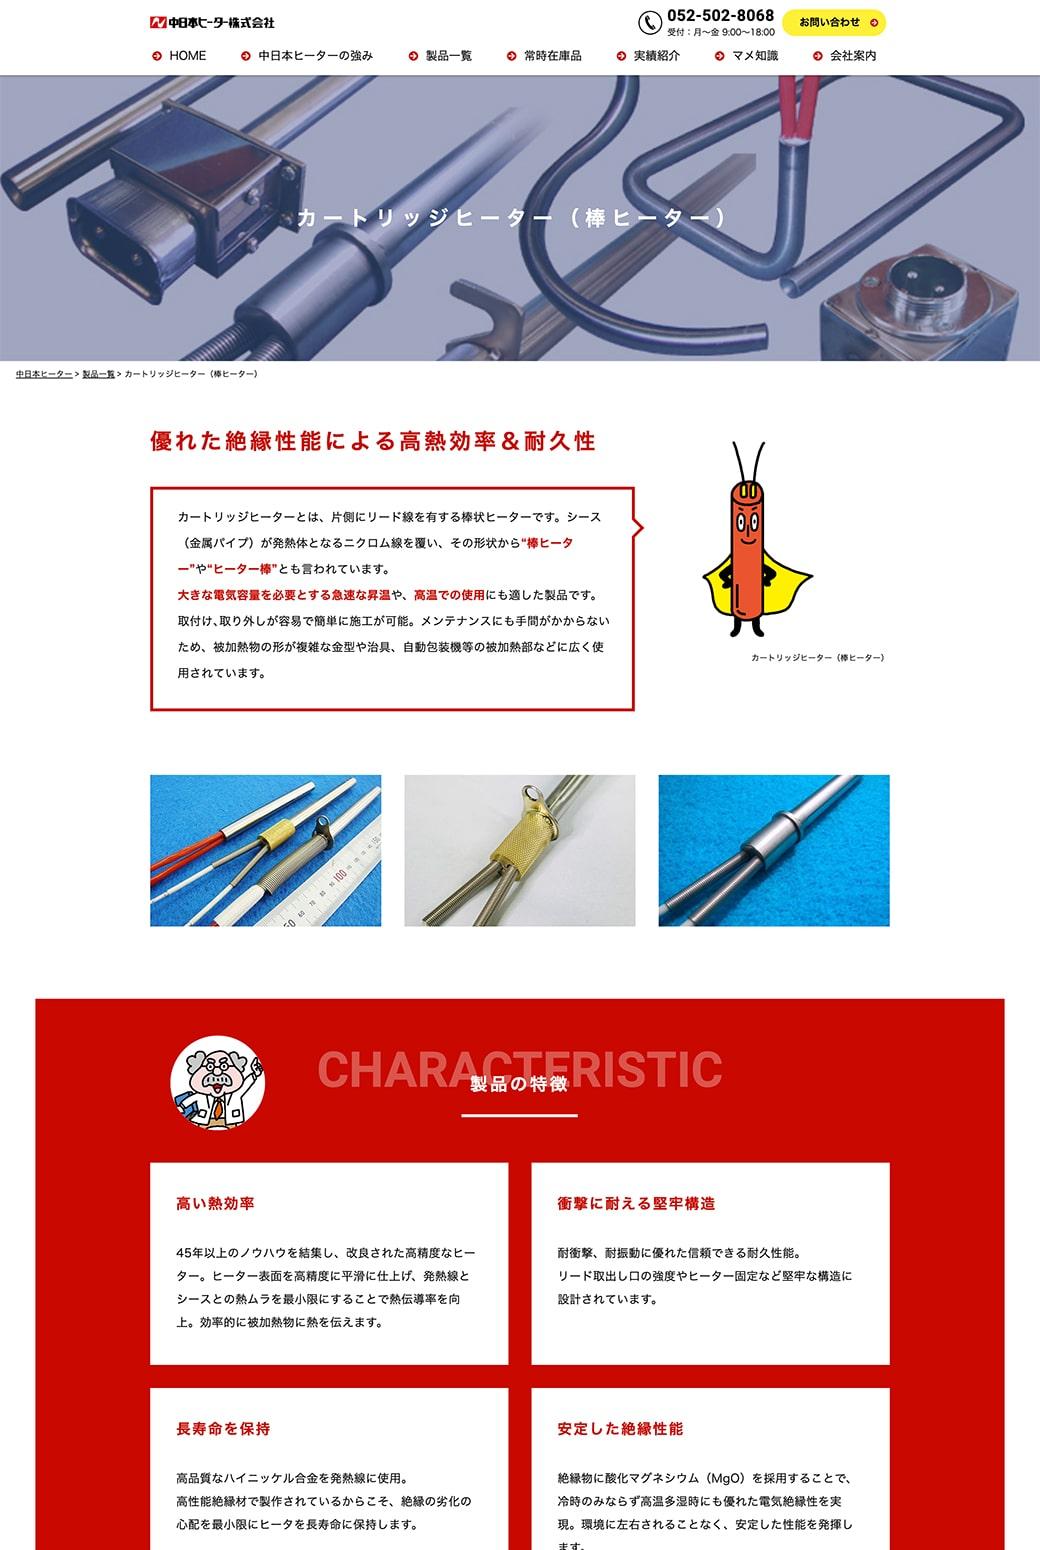 中日本ヒーター株式会社様 製品詳細ページ